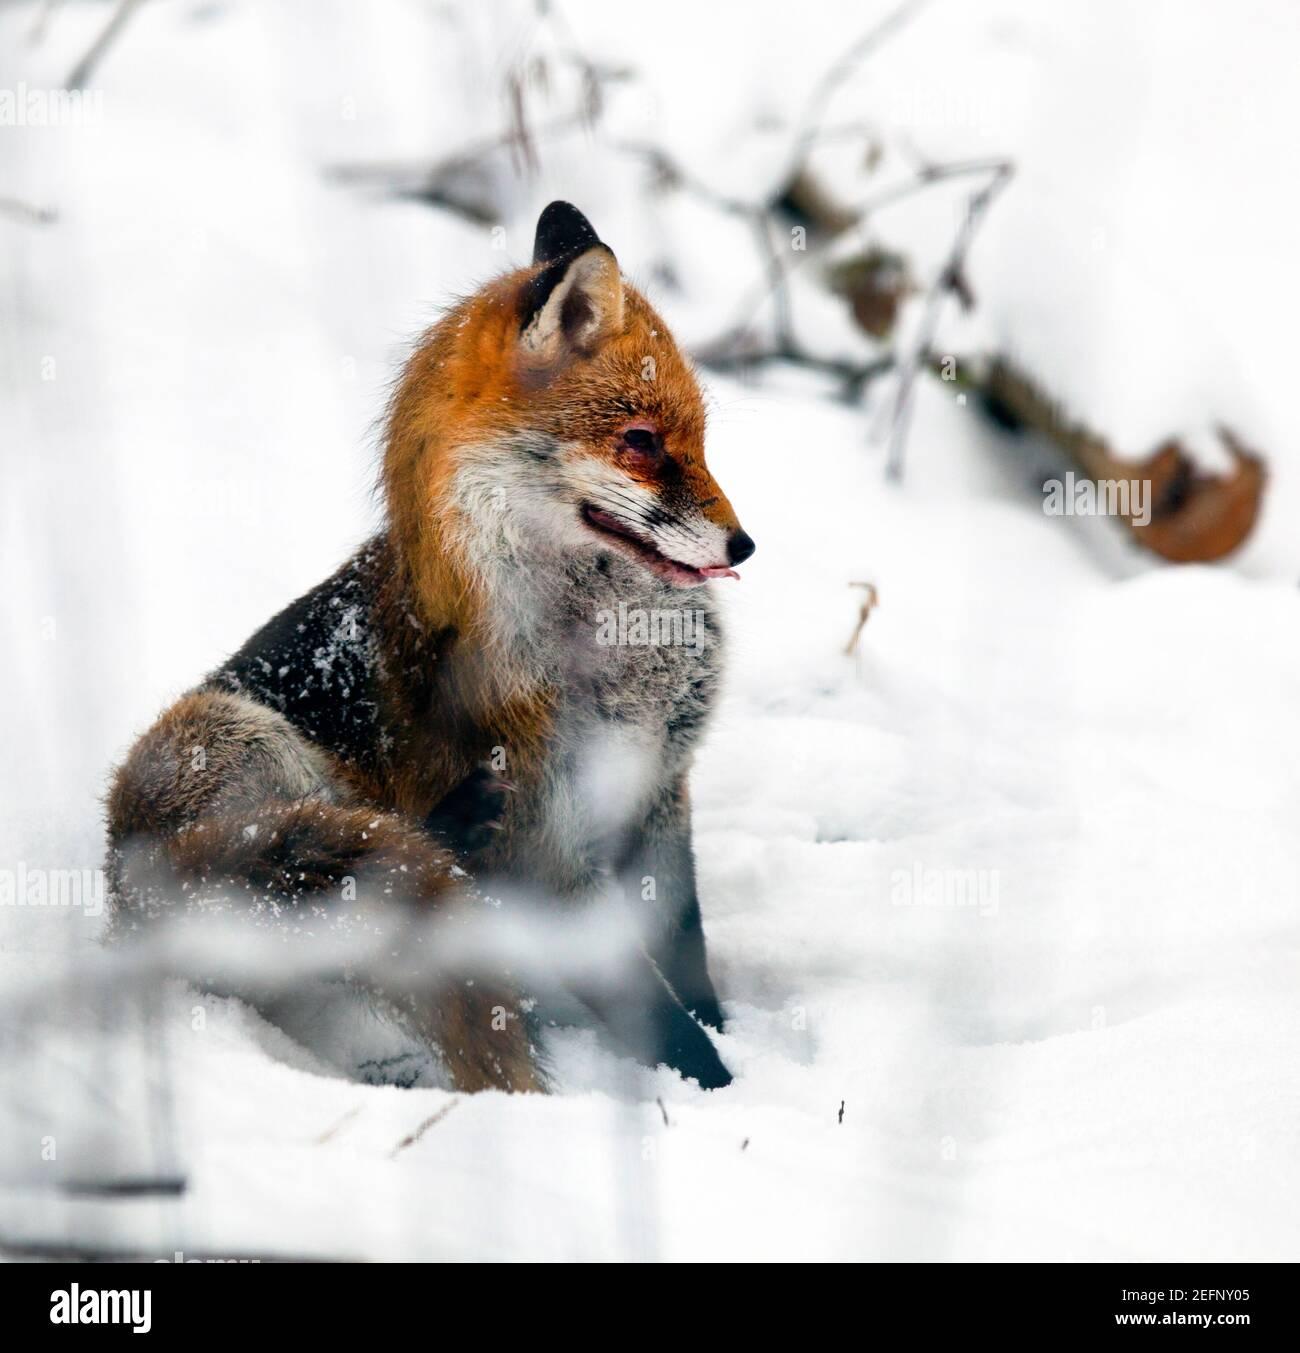 Un renard ( Vulpes vulpes ) assis dans la campagne enneigée du Kent, au Royaume-Uni, pendant l'hiver . Janvier 2021 Banque D'Images